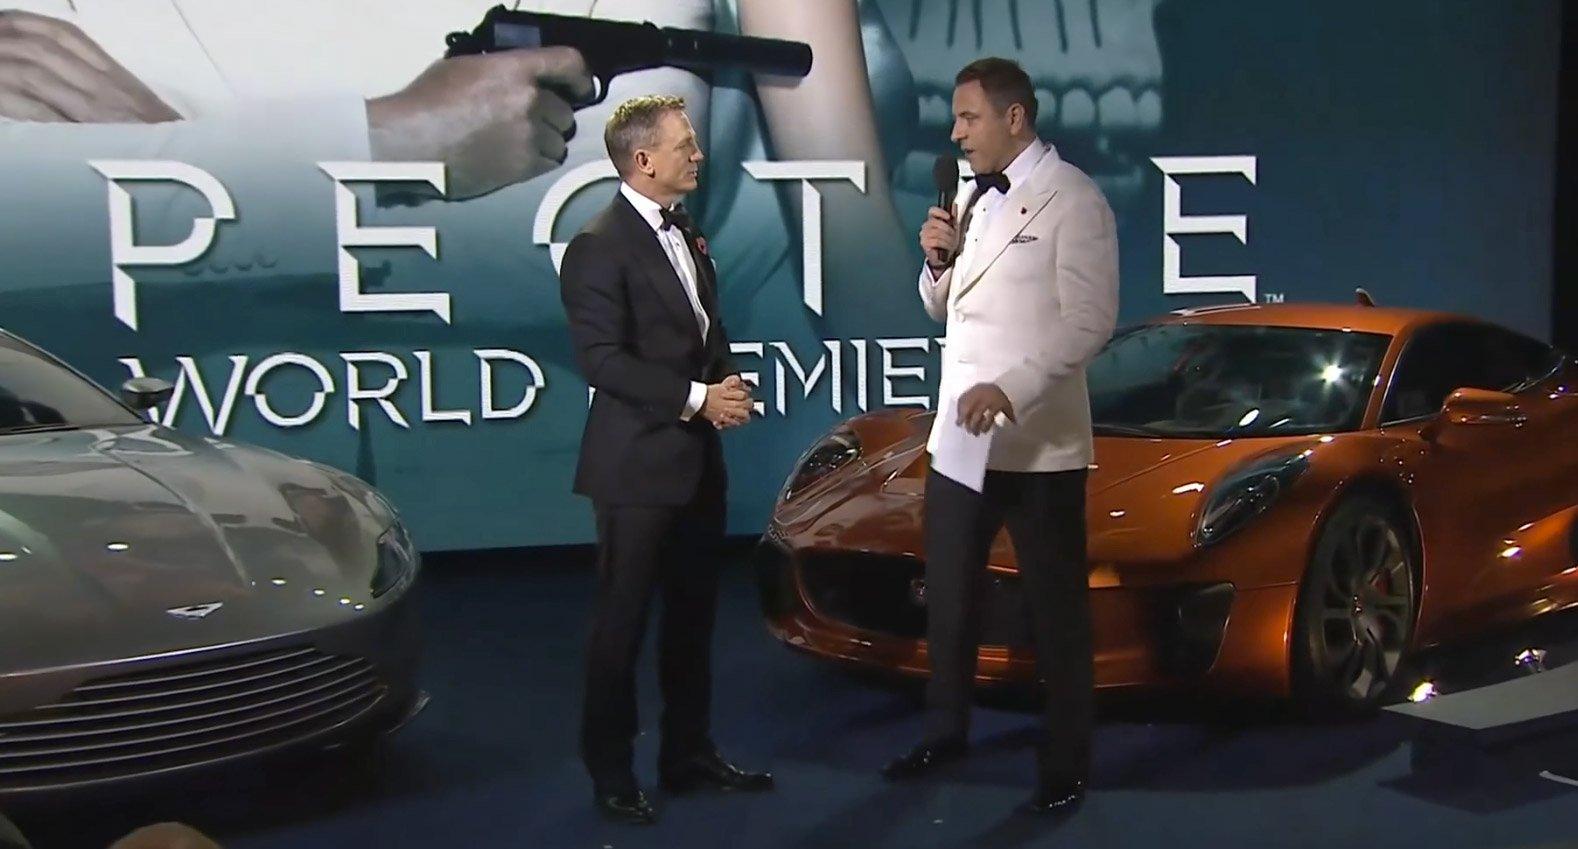 dabc27407aab Daniel Craig at the Spectre Premiere – The Suits of James Bond